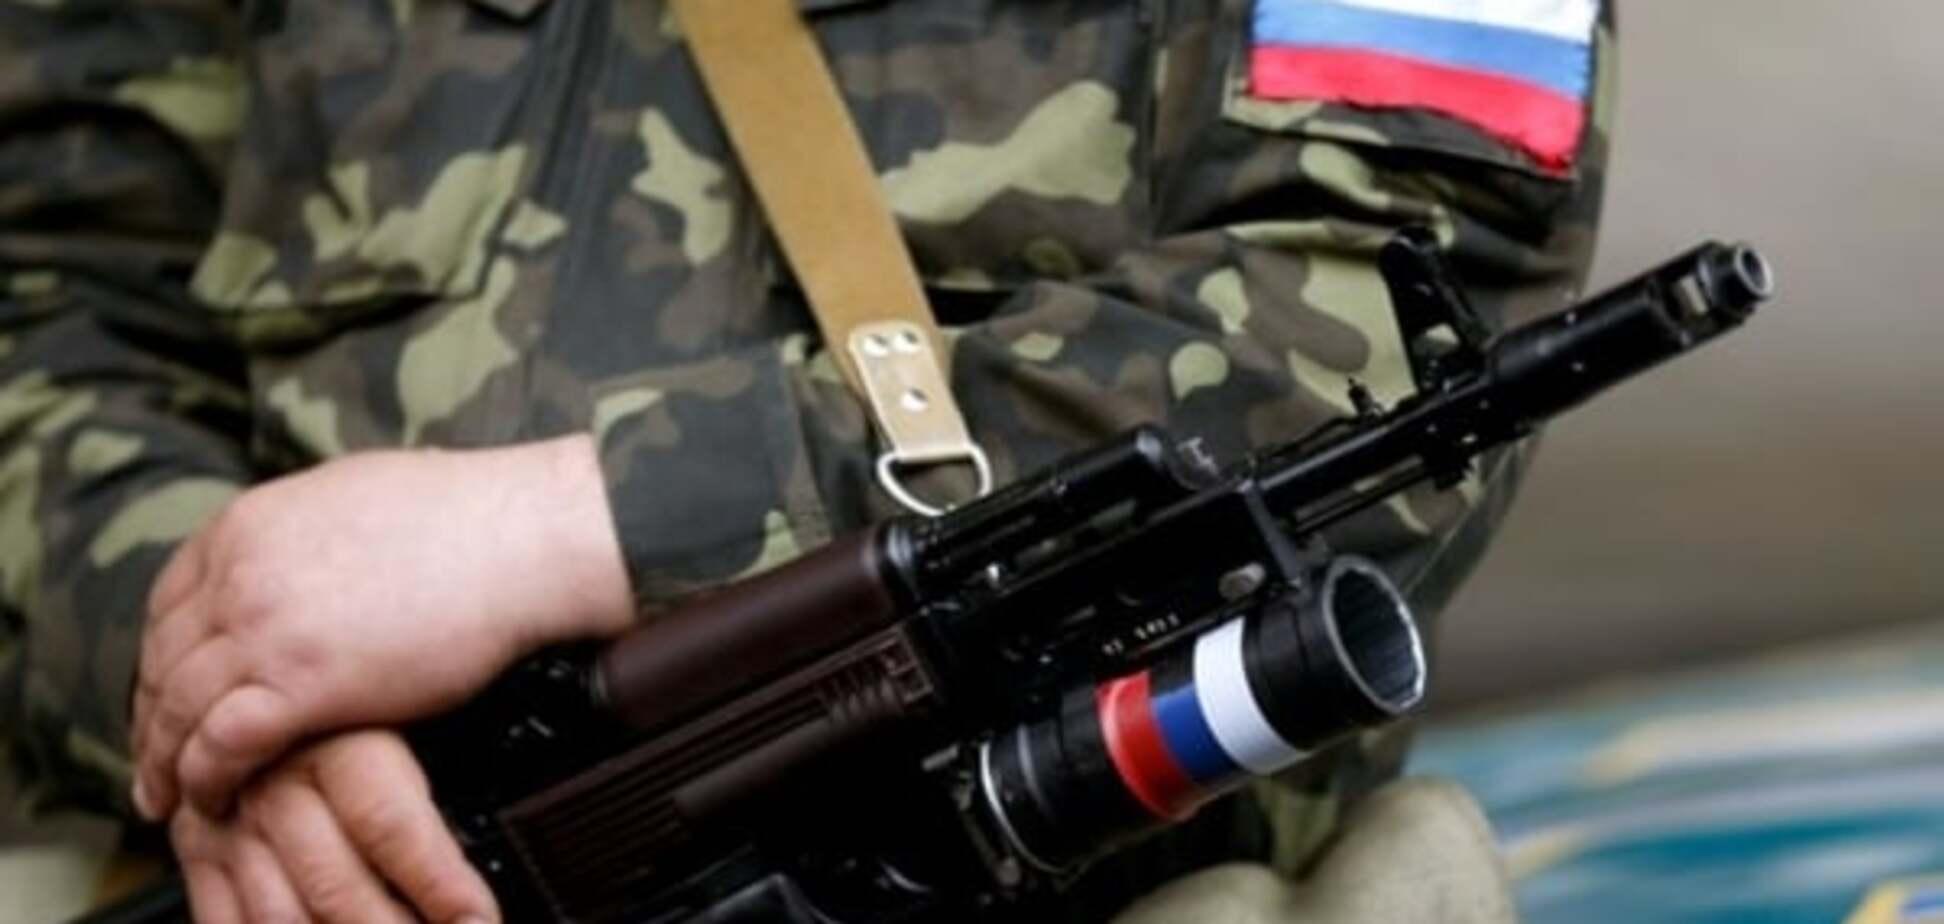 Путинские вояки и террористы готовы прекратить войну - Тымчук